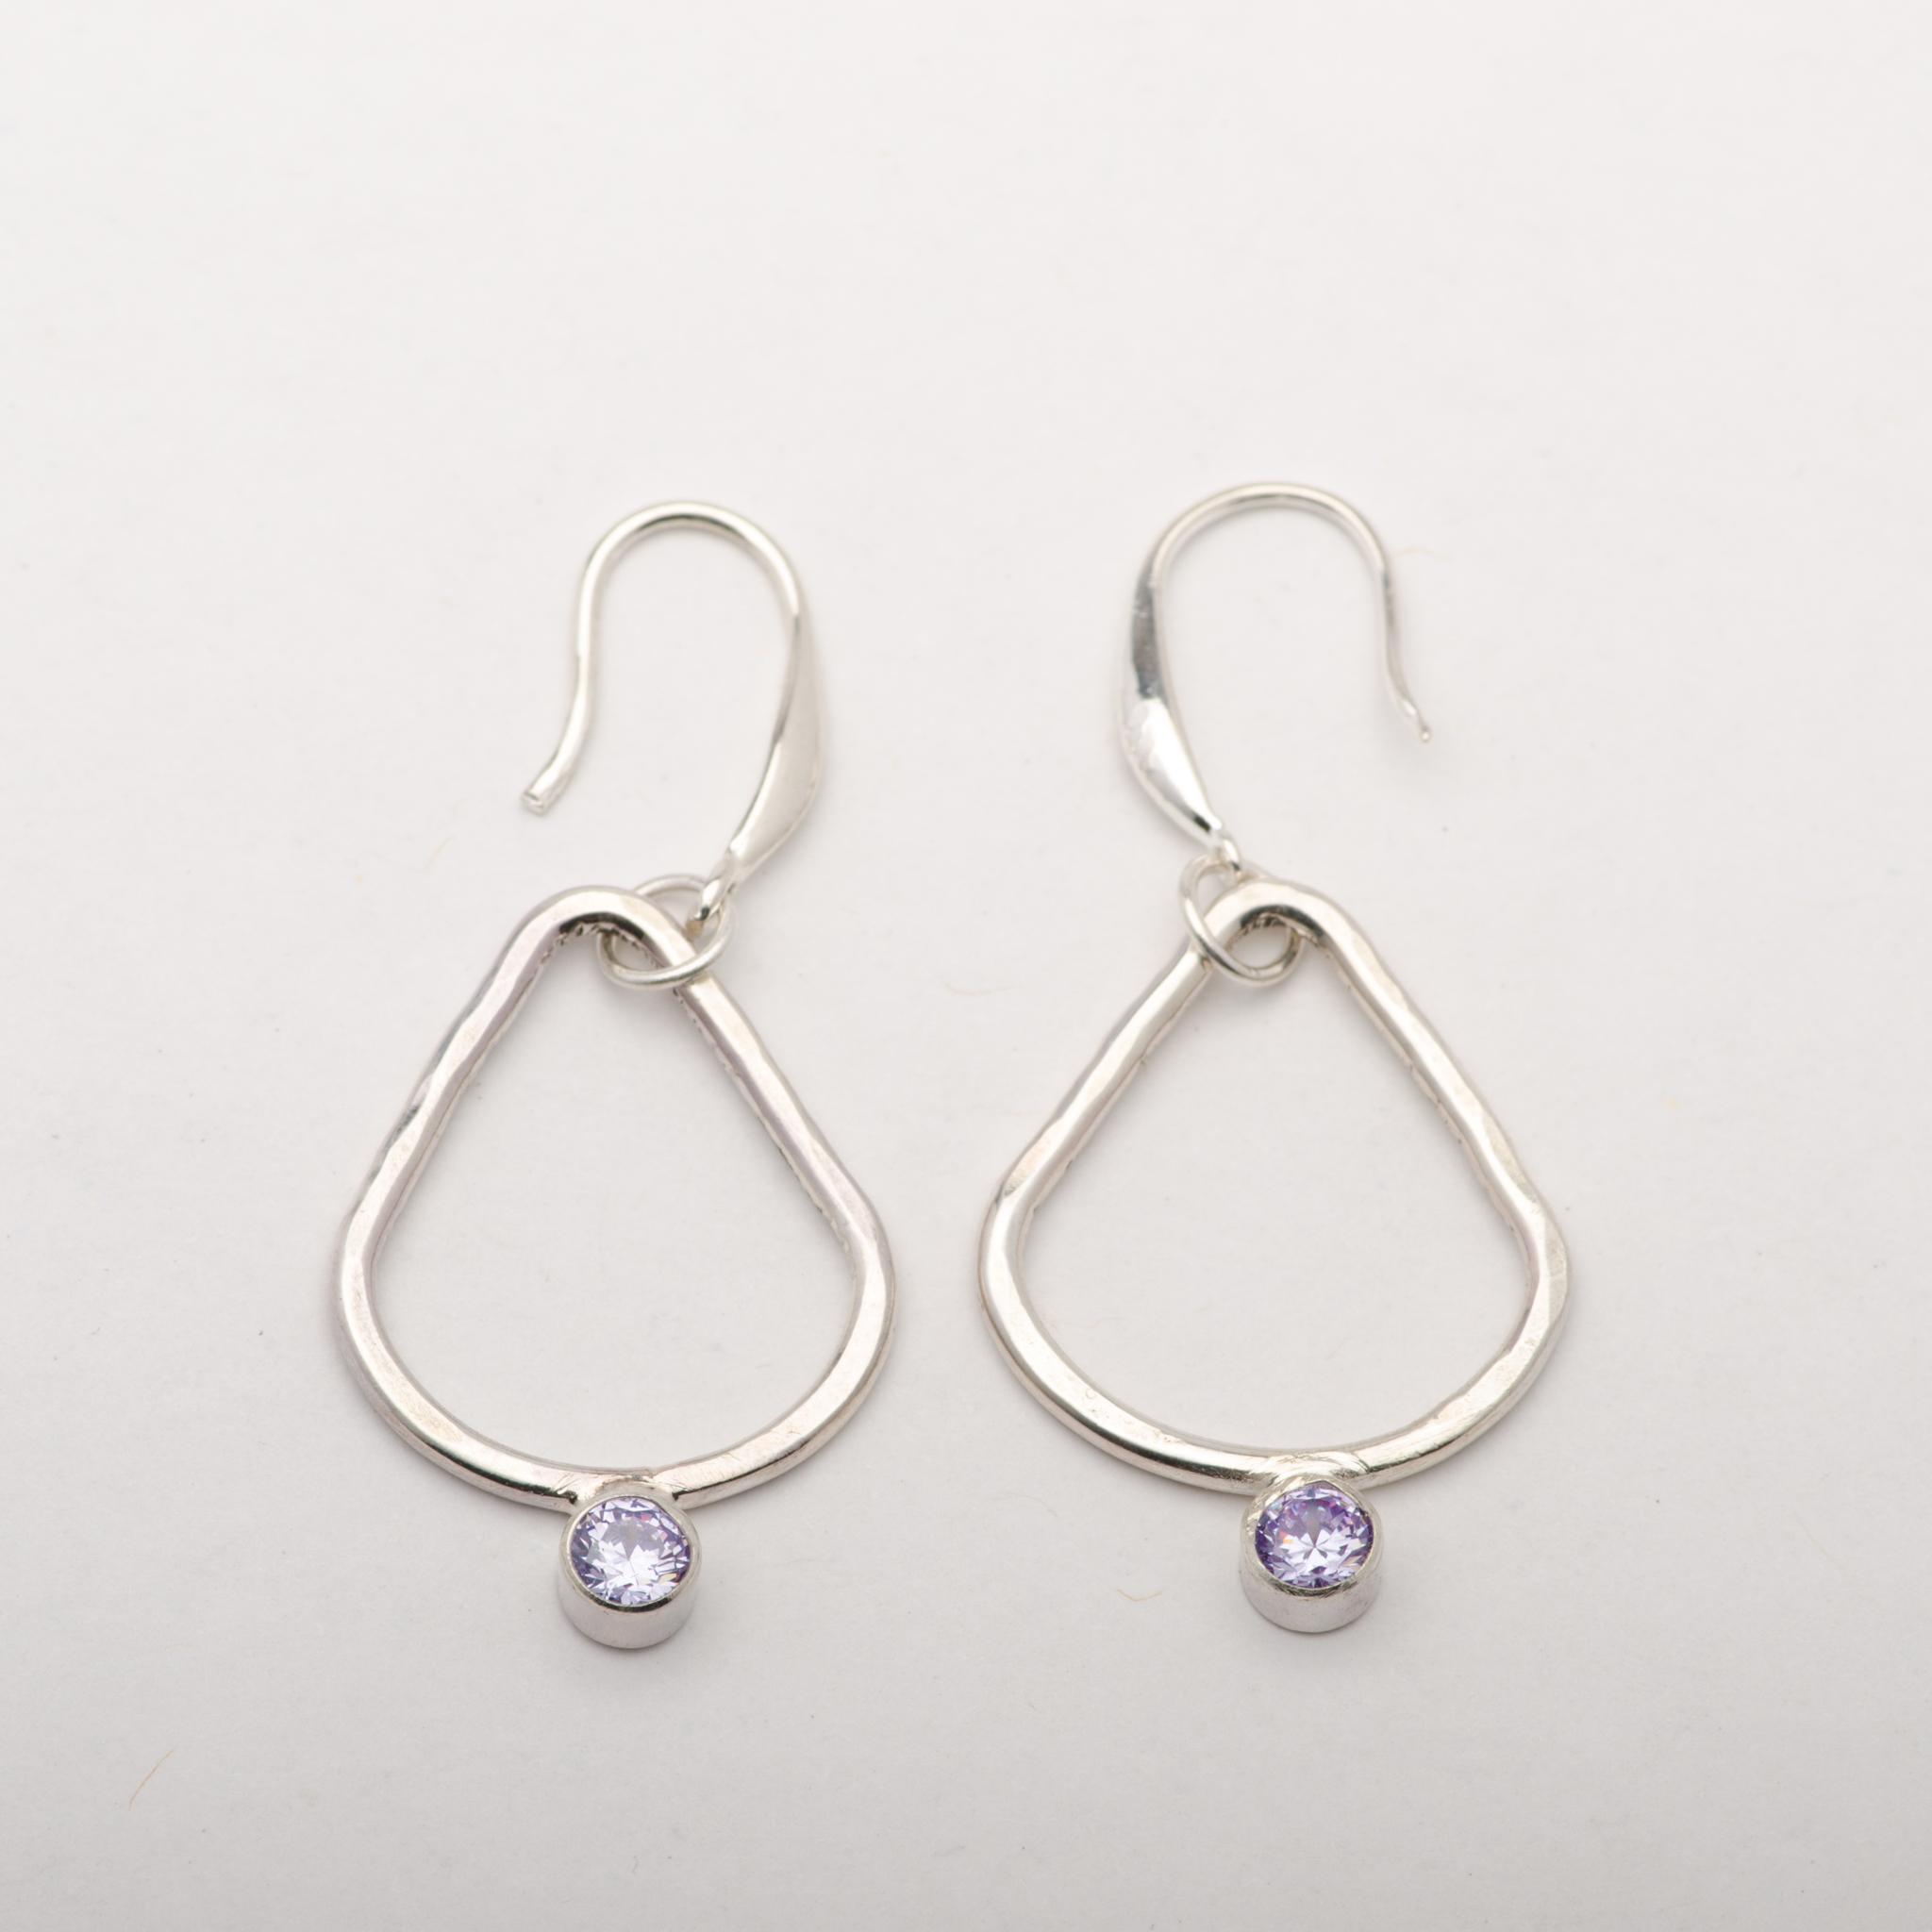 Earrings Triangle Geometric Sterling Silver Lavender Zirconia Women Jewelry